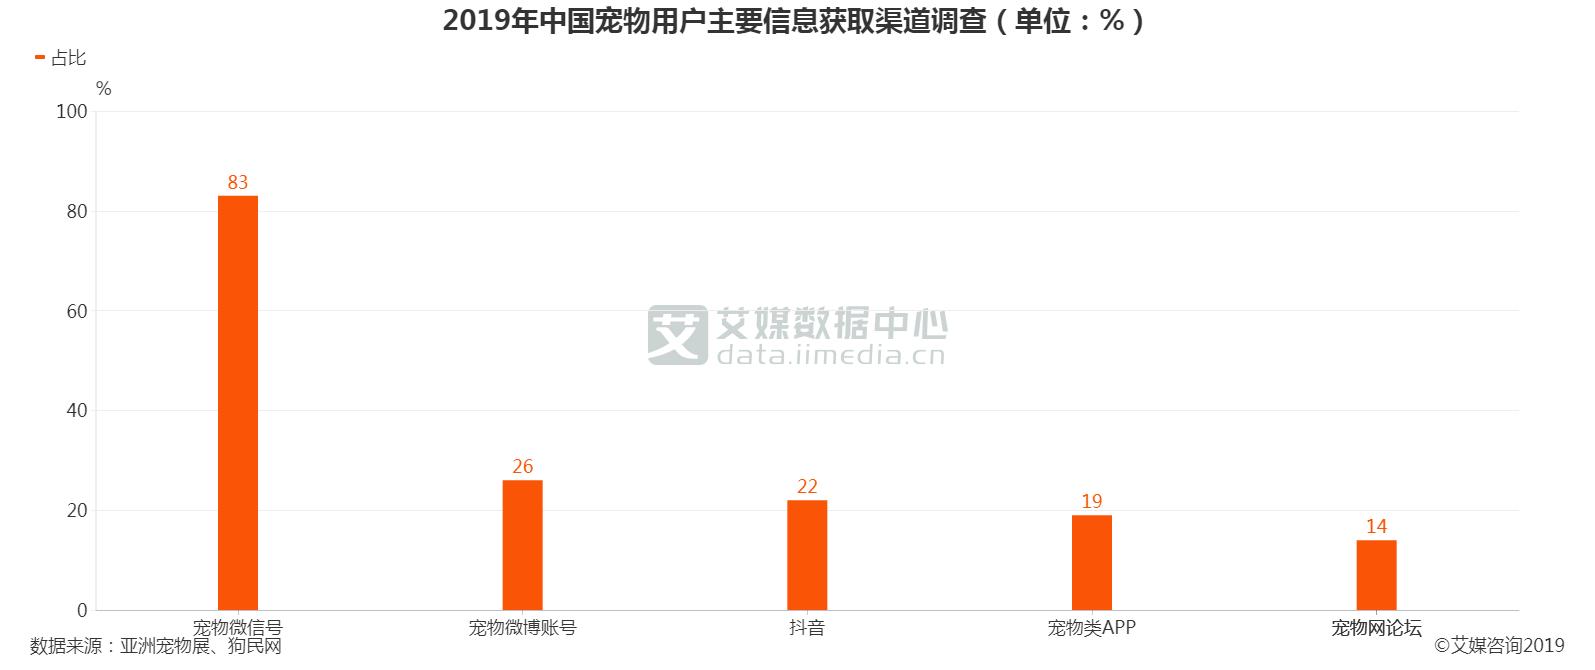 2019年中国宠物用户主要信息获取渠道调查情况